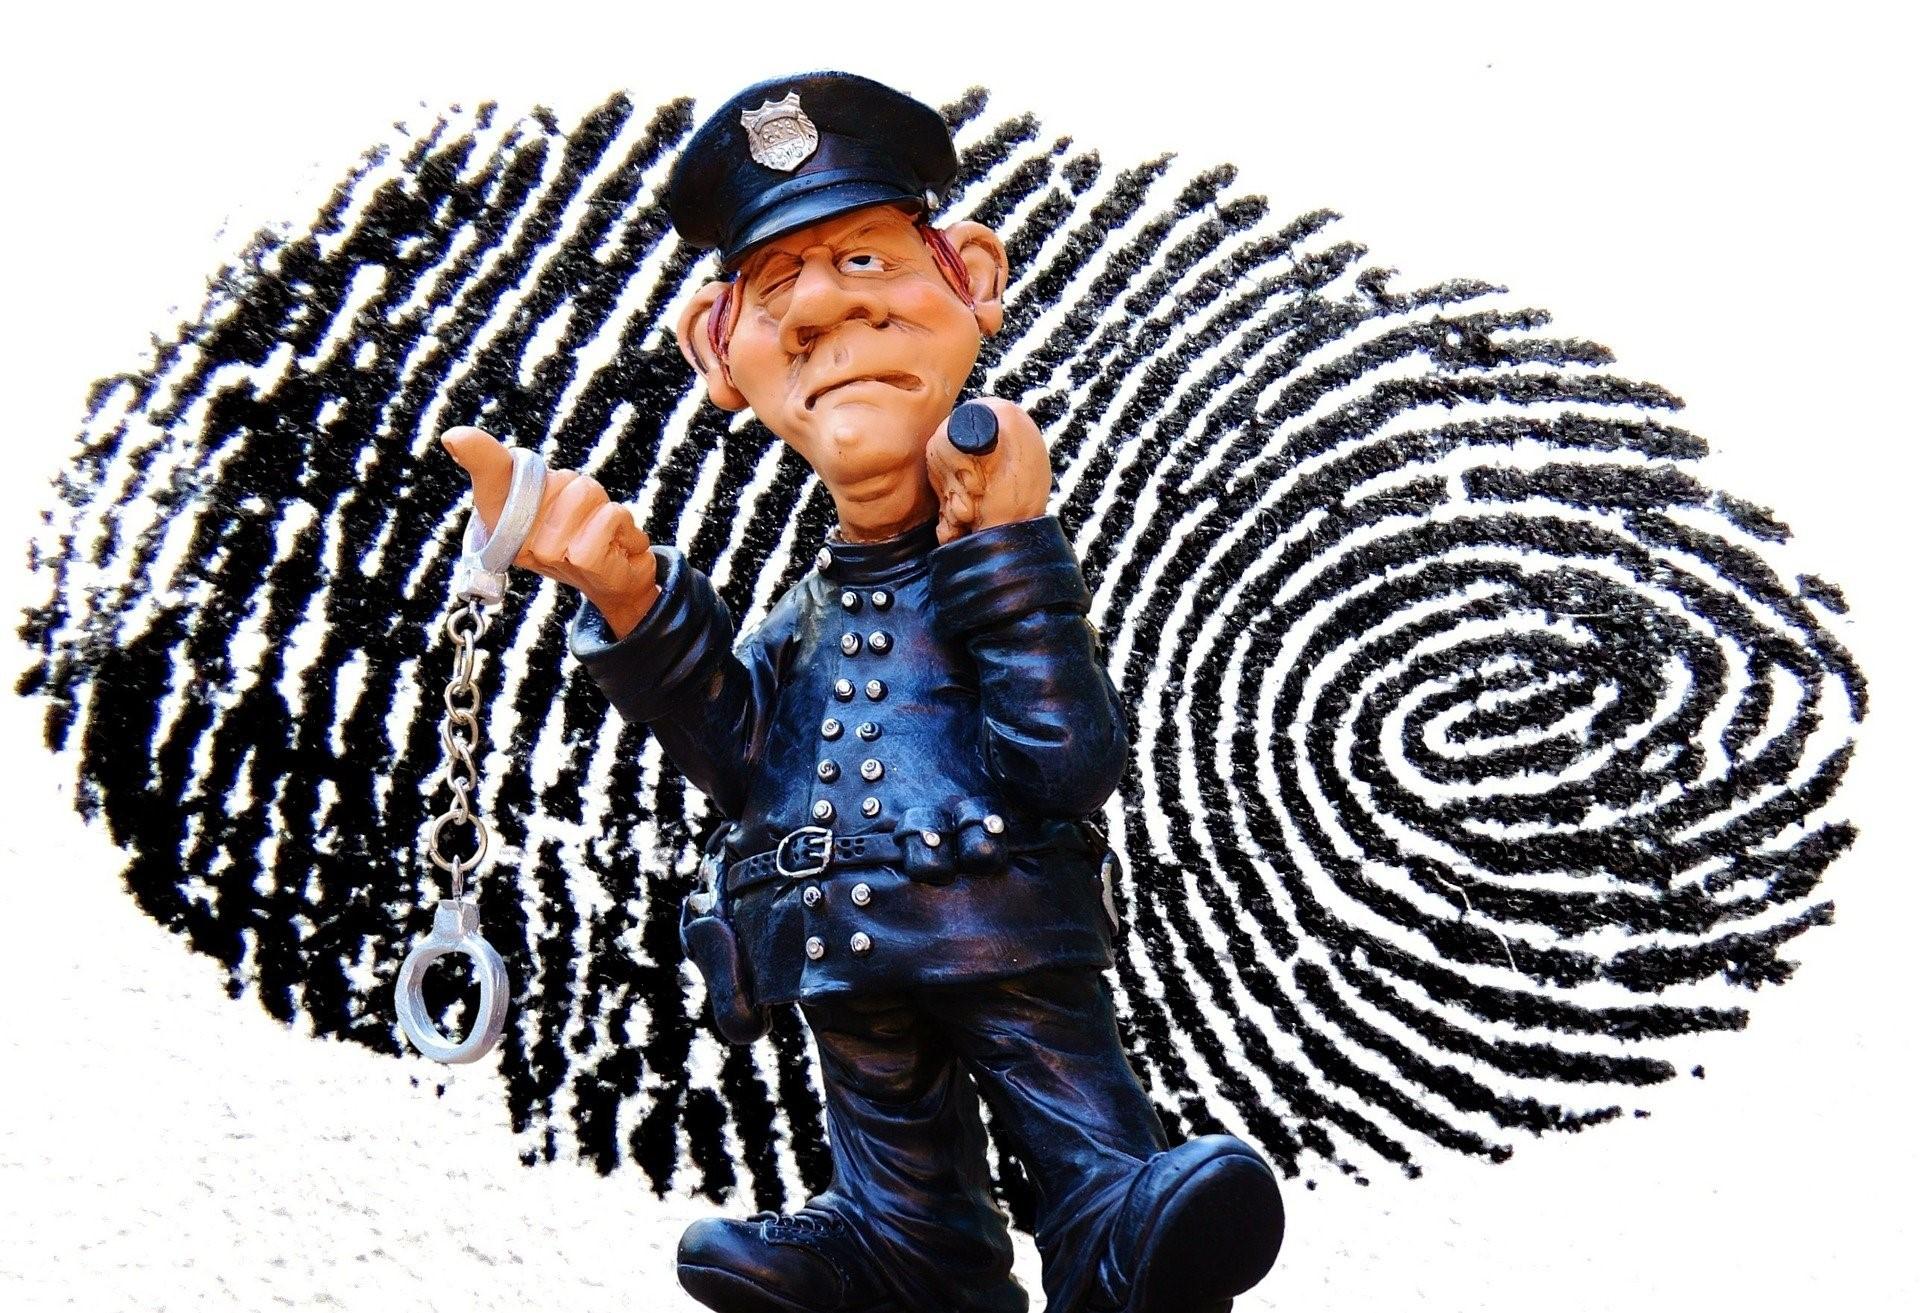 police-1141050_1920-1